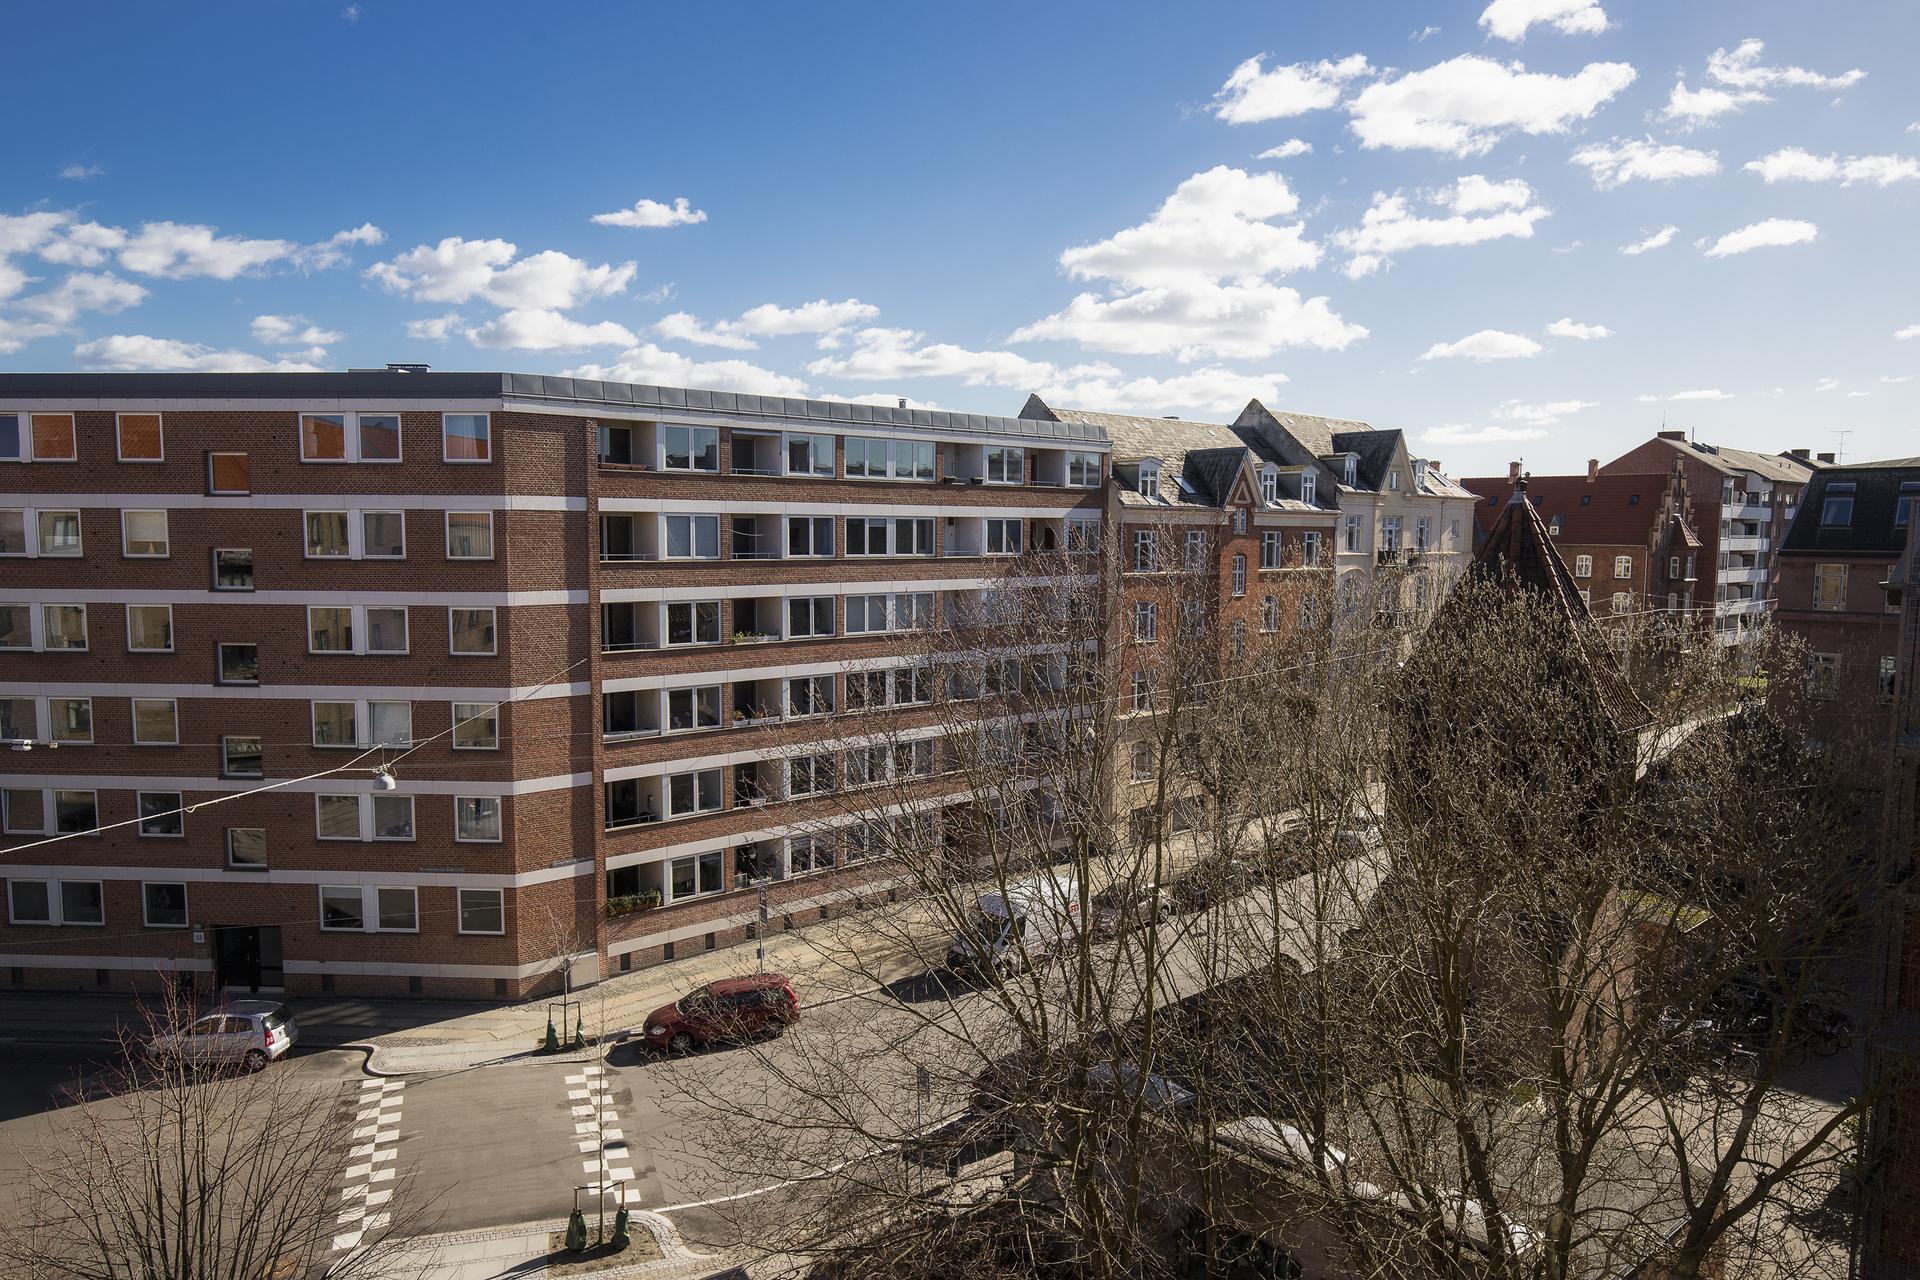 Nitivej 20, 4. mf, 2000 Frederiksberg